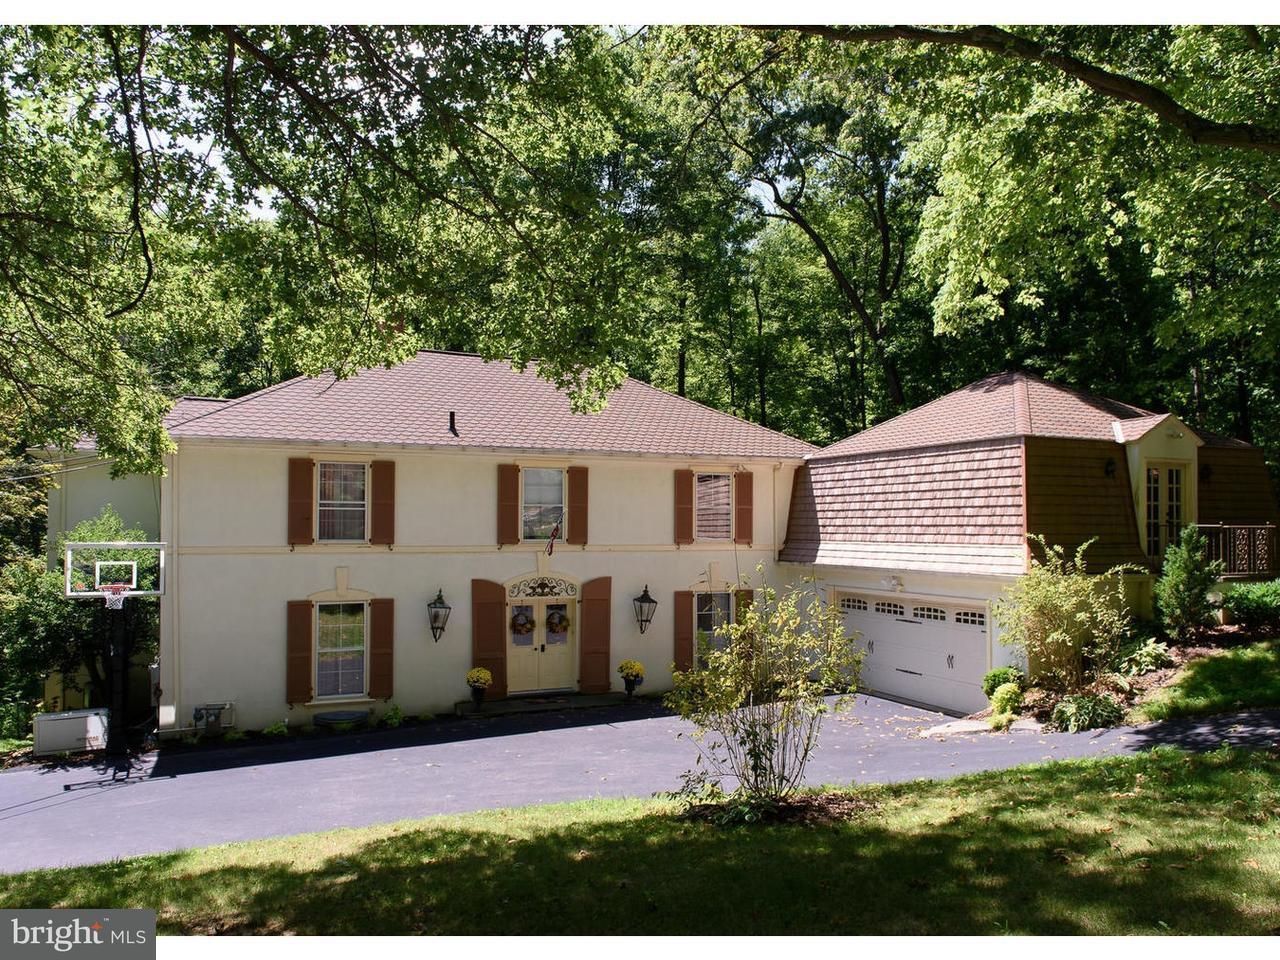 Maison unifamiliale pour l Vente à 1789 HAMILTON Drive Phoenixville, Pennsylvanie 19460 États-Unis